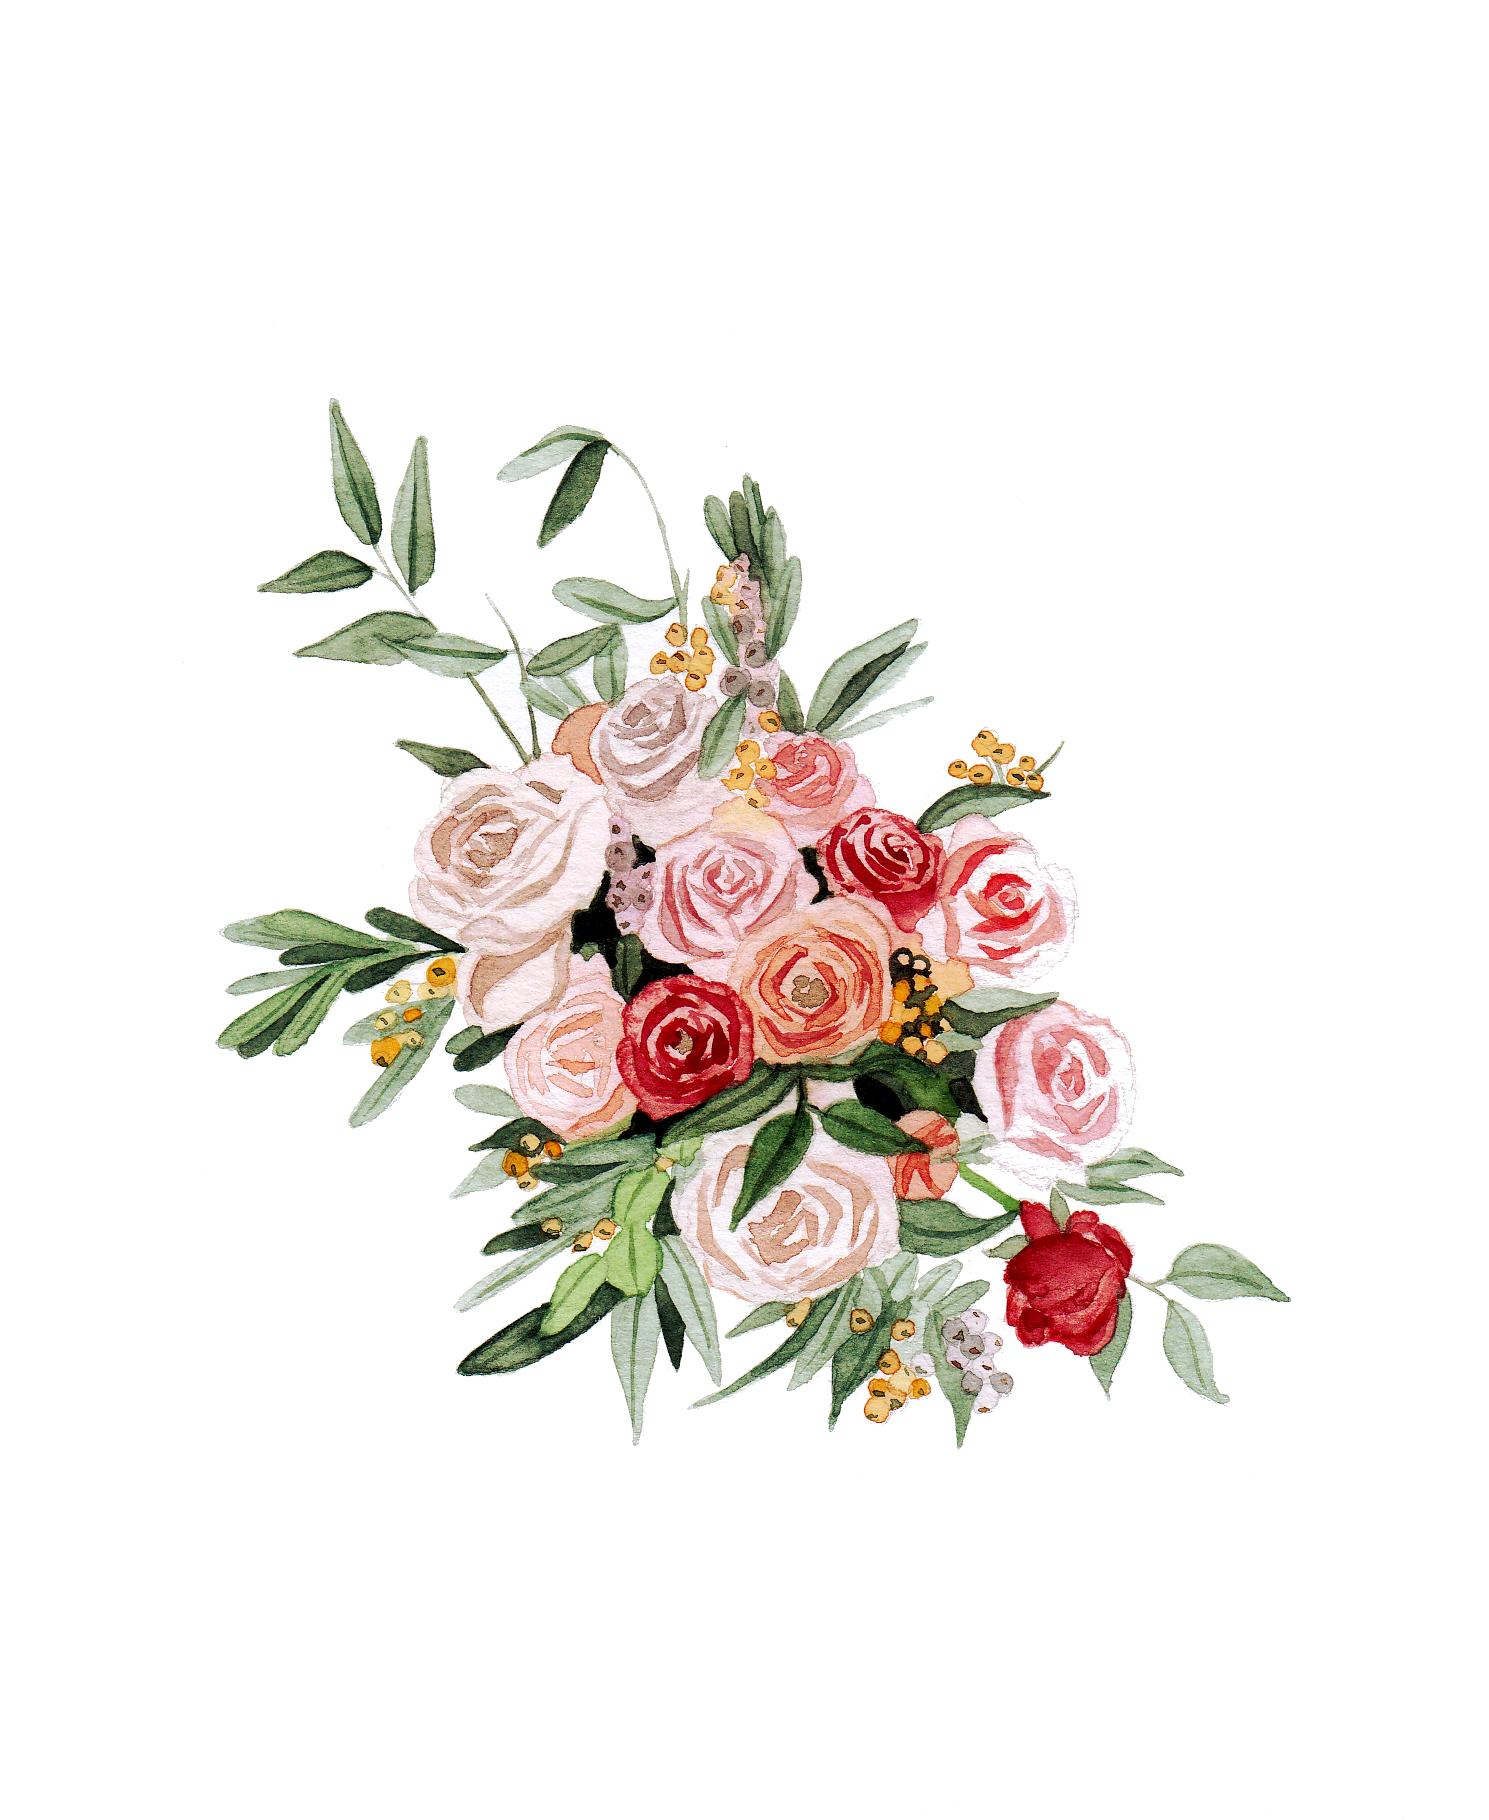 bouquet1_final.jpg